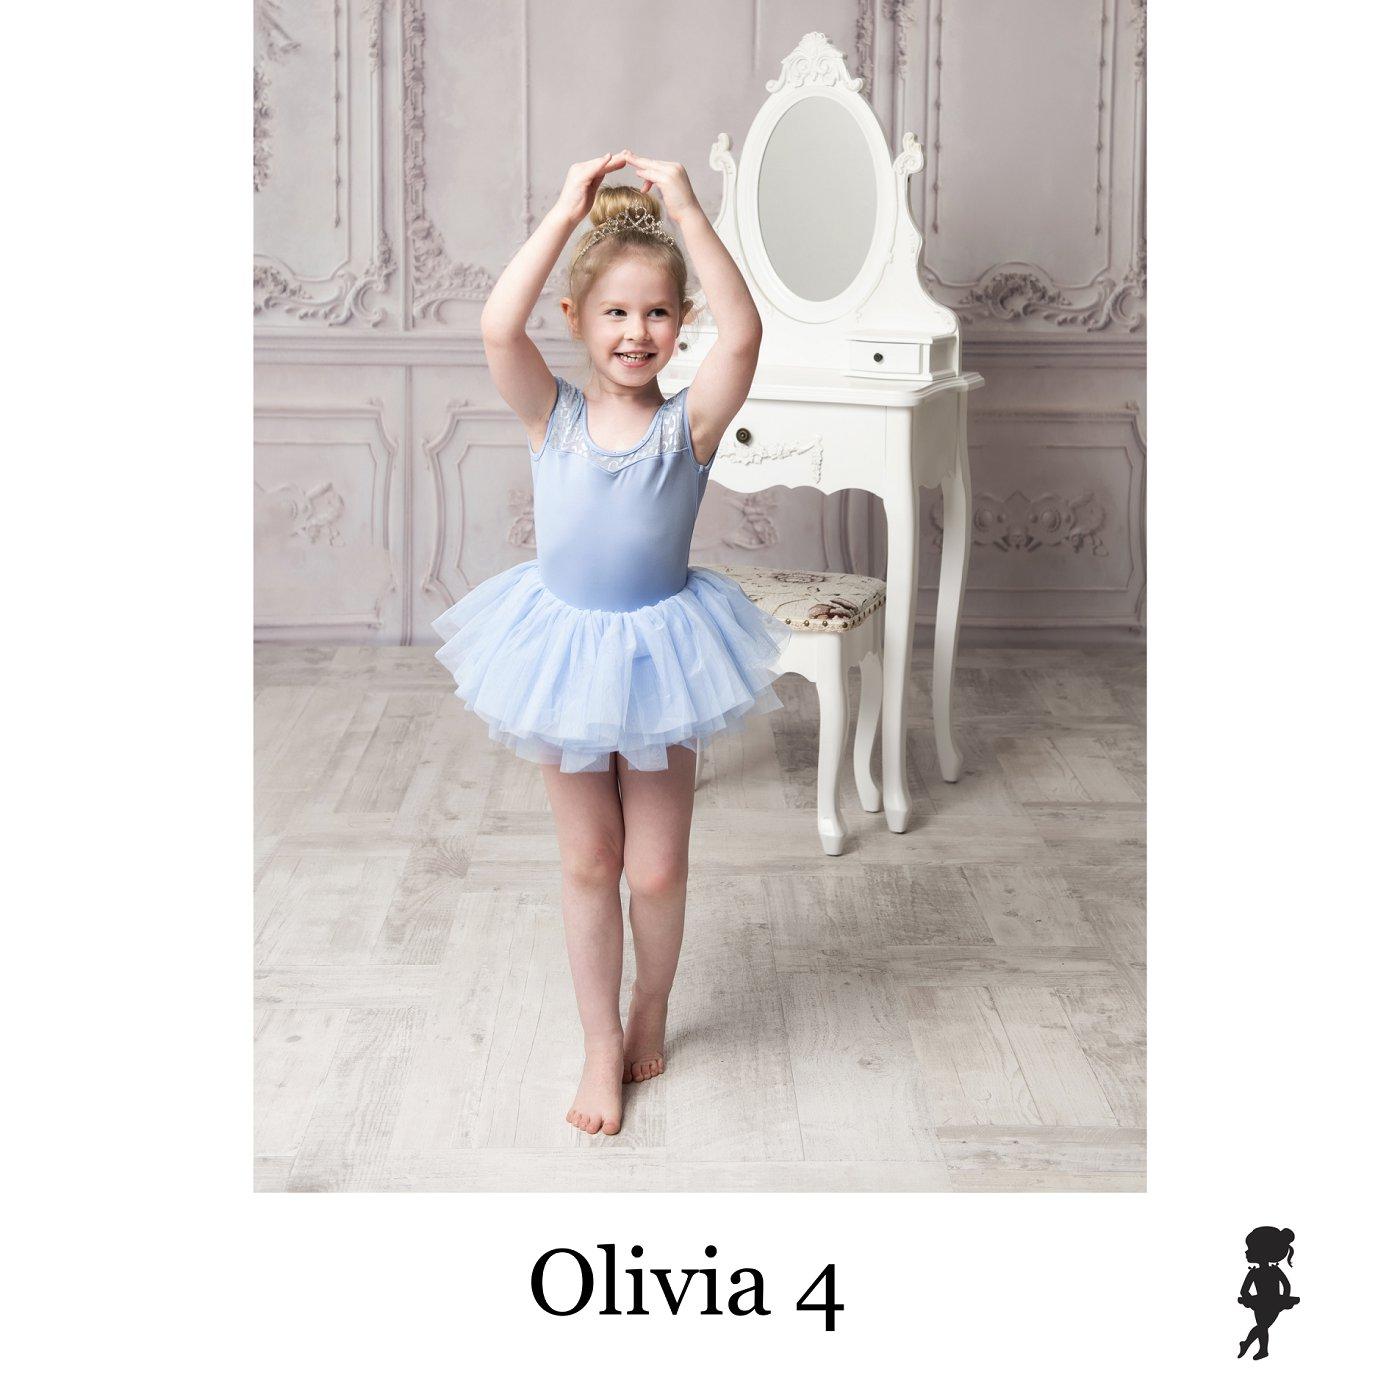 LB9019- Olivia 4.jpg